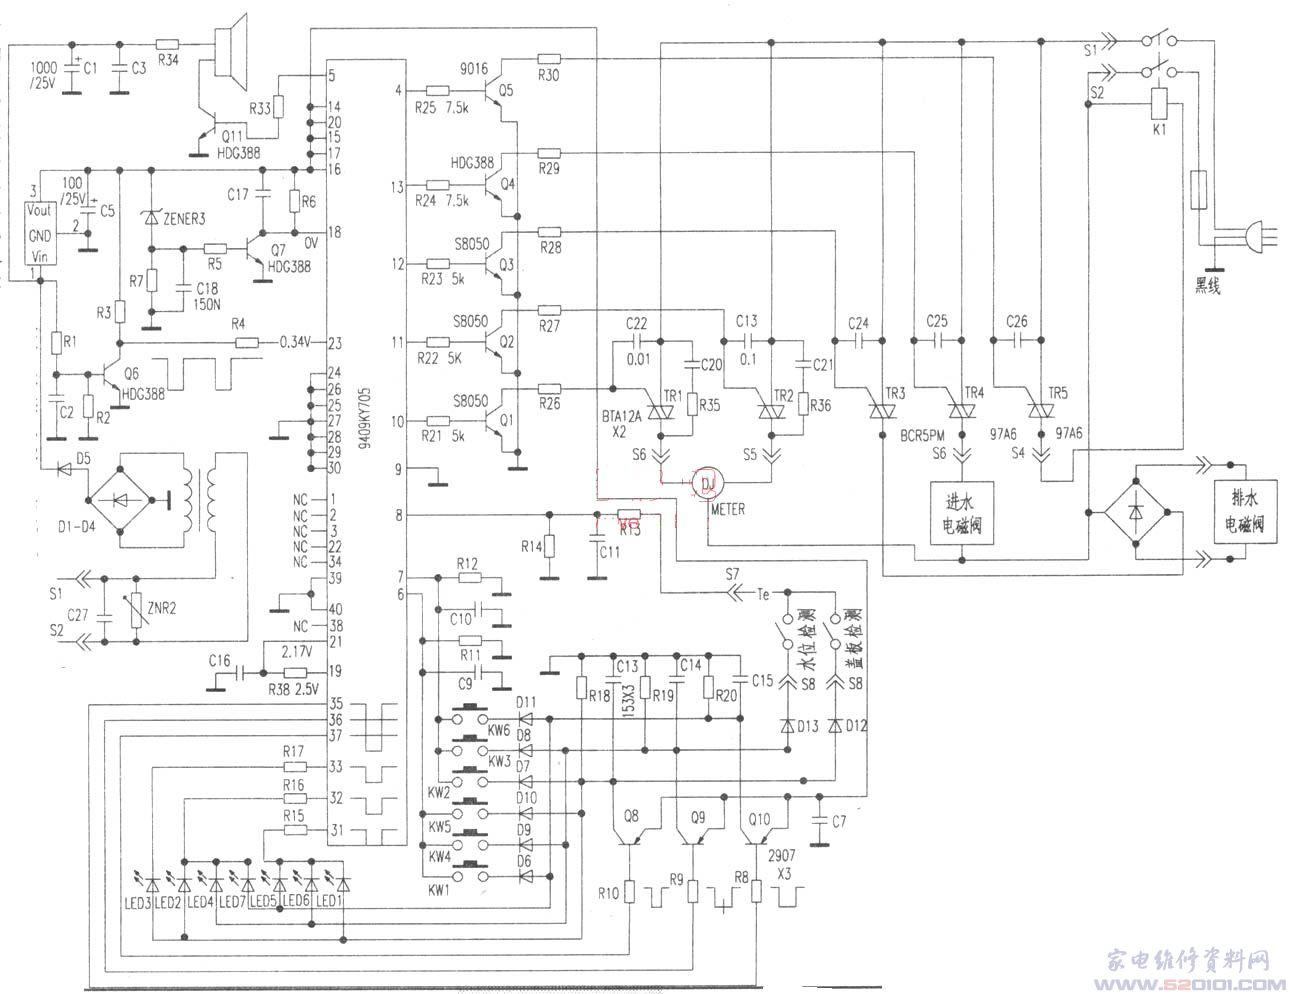 荣事达xqb38-92洗衣机原理与检修